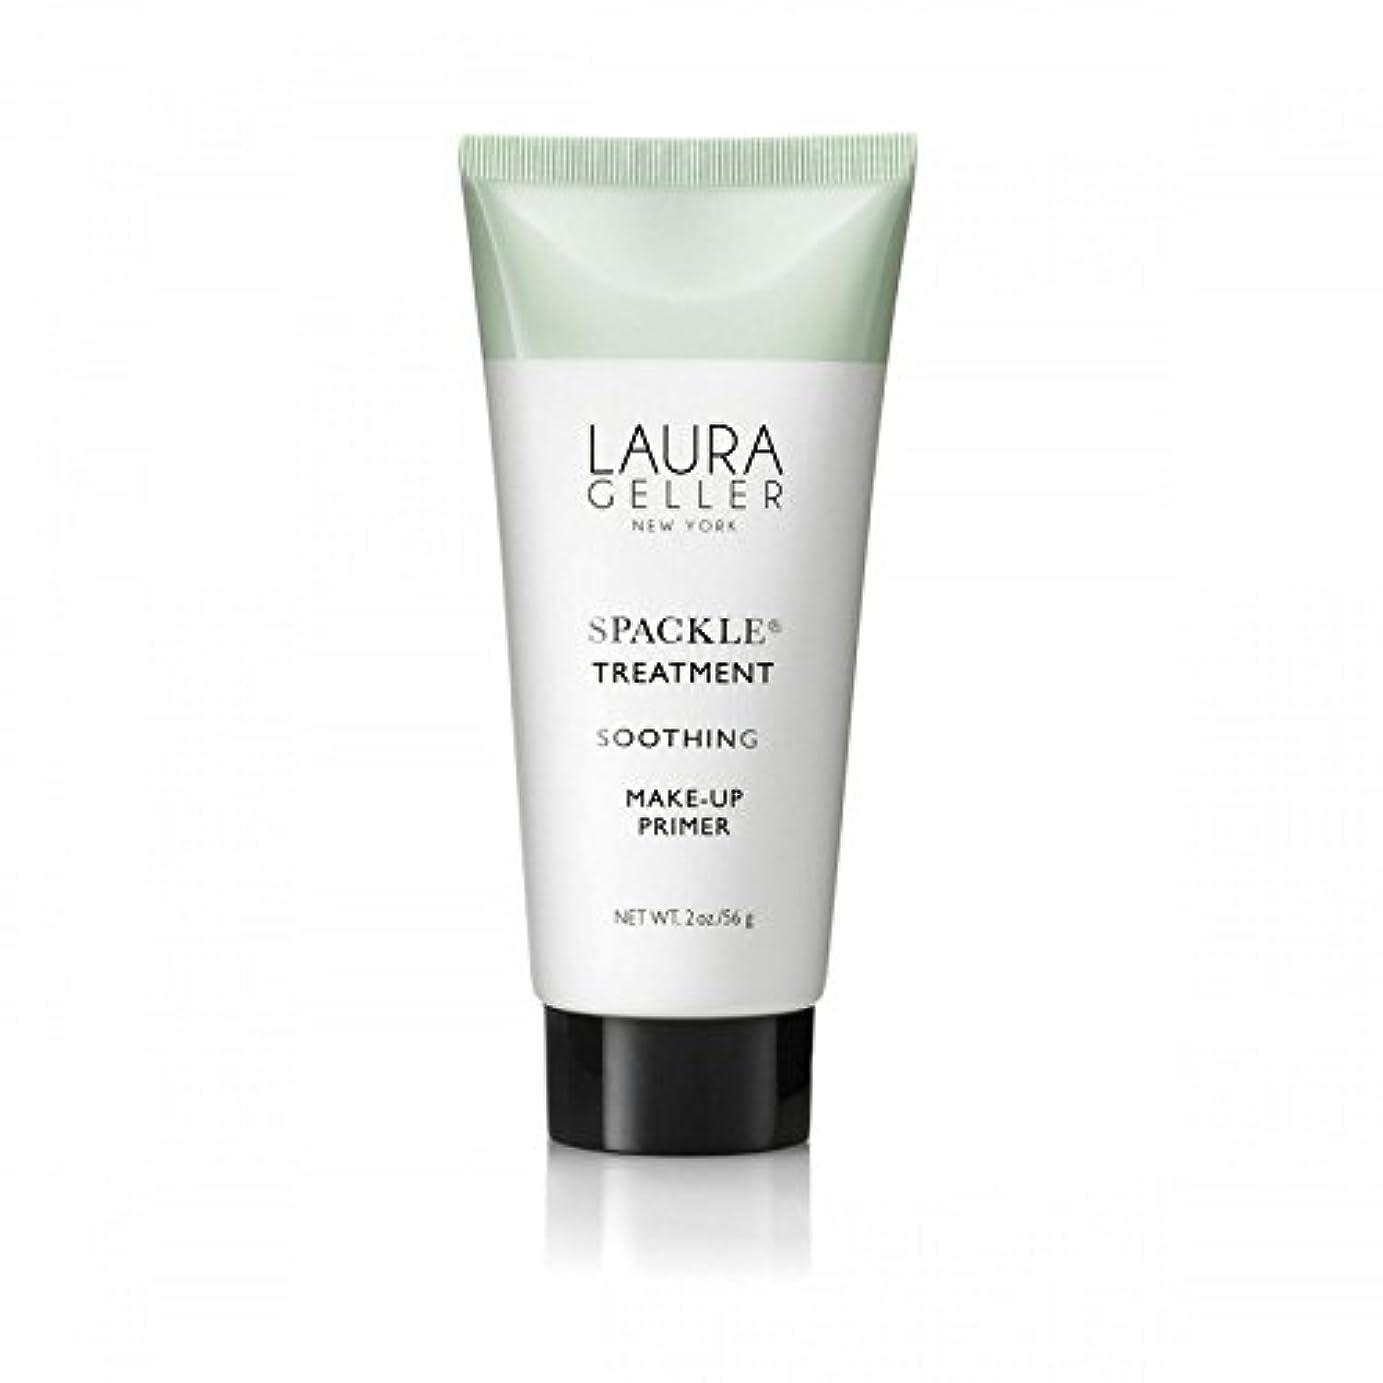 サドルピストンきらめくLaura Geller Spackle Treatment Under Make-Up Primer Soothing (Pack of 6) - メイクアッププライマー癒しの下のローラ?ゲラー 処理 x6 [並行輸入品]